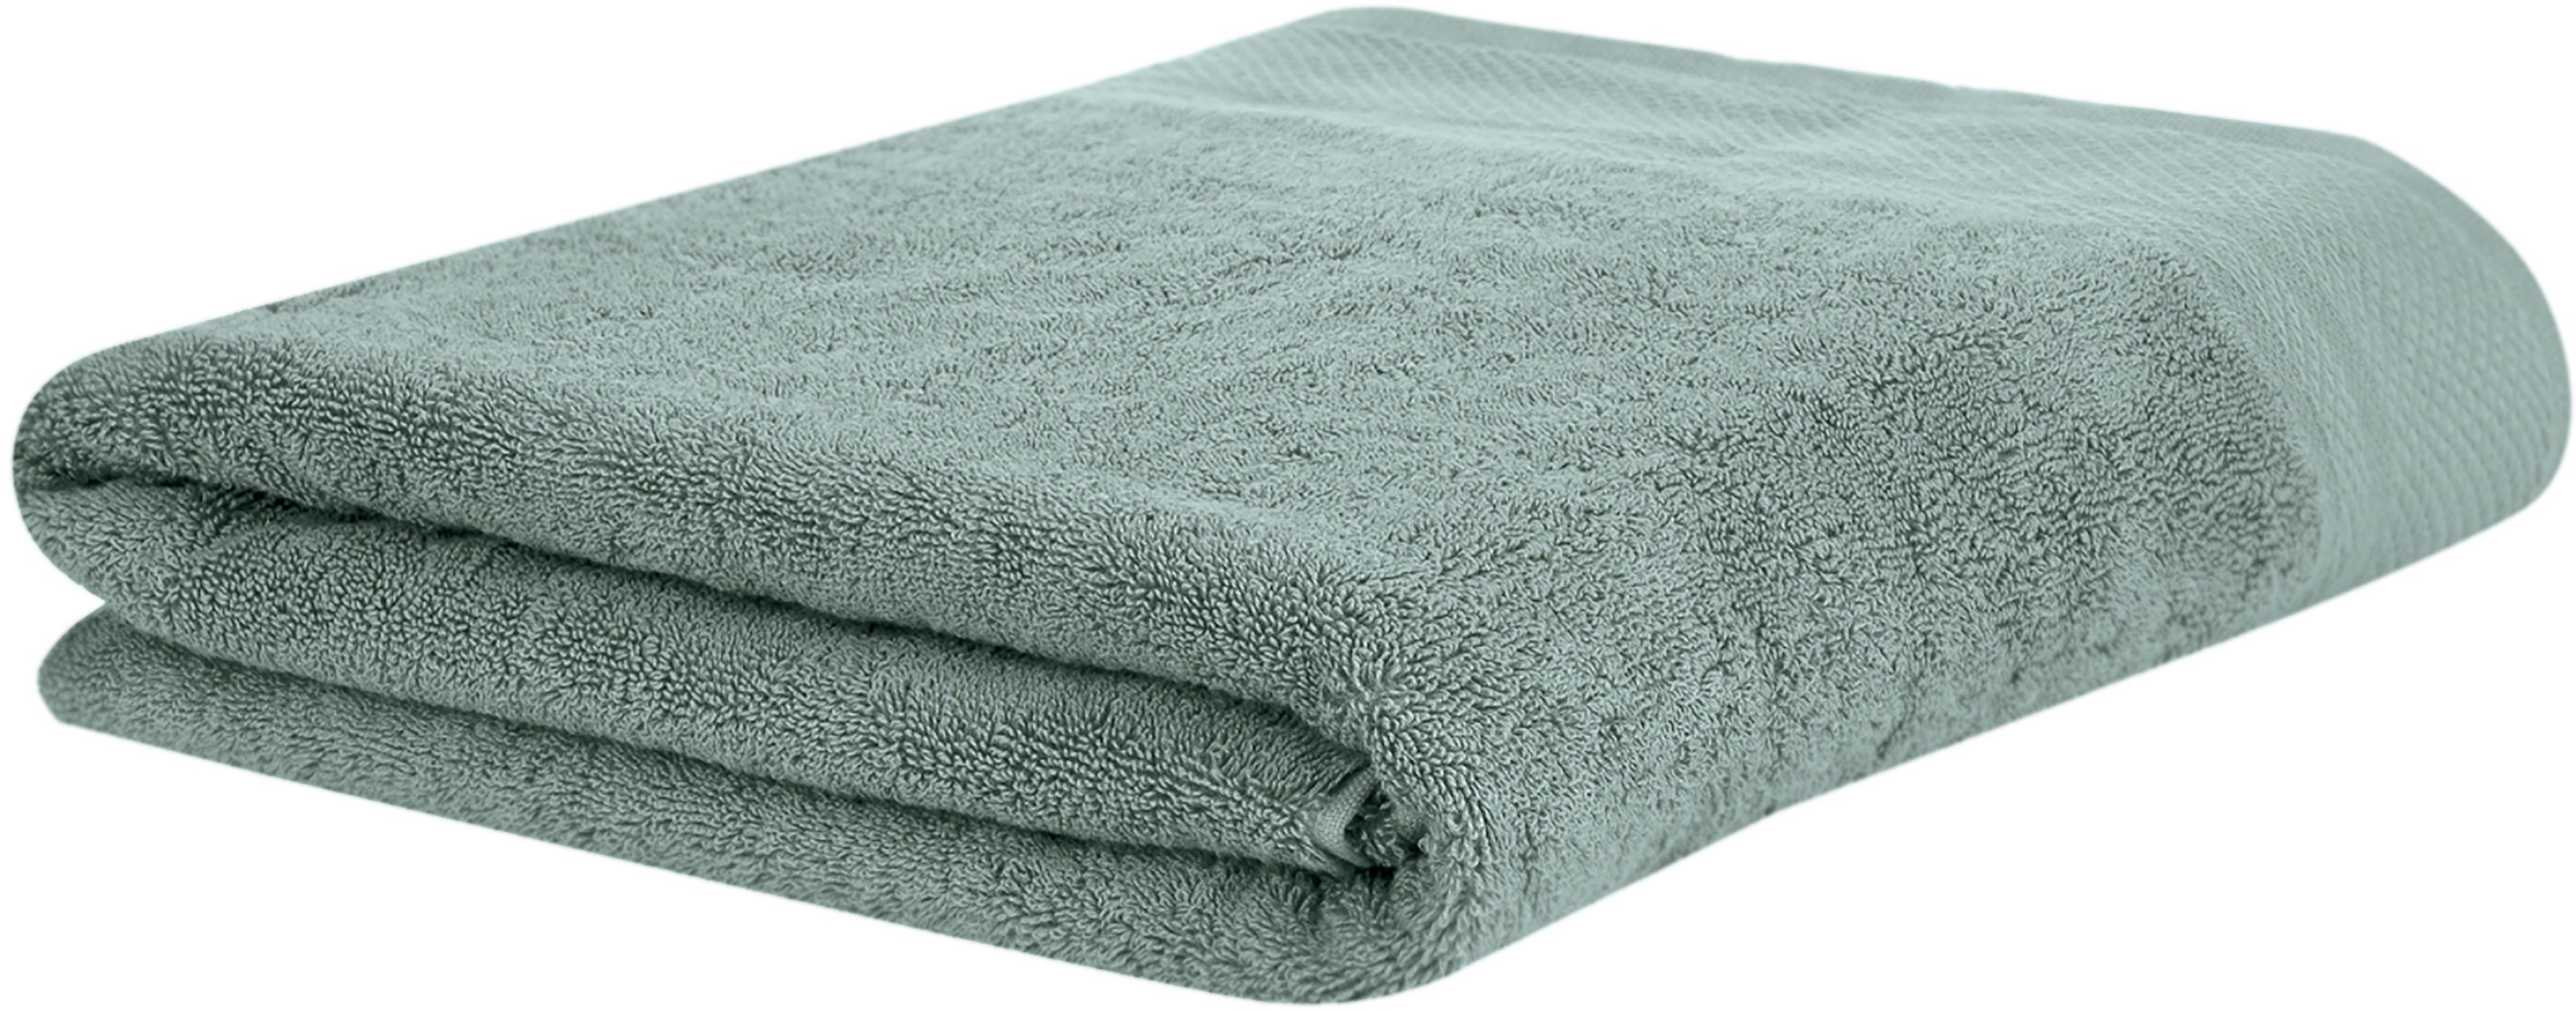 Handtuch Premium in verschiedenen Größen, mit klassischer Zierbordüre, Salbeigrün, Duschtuch